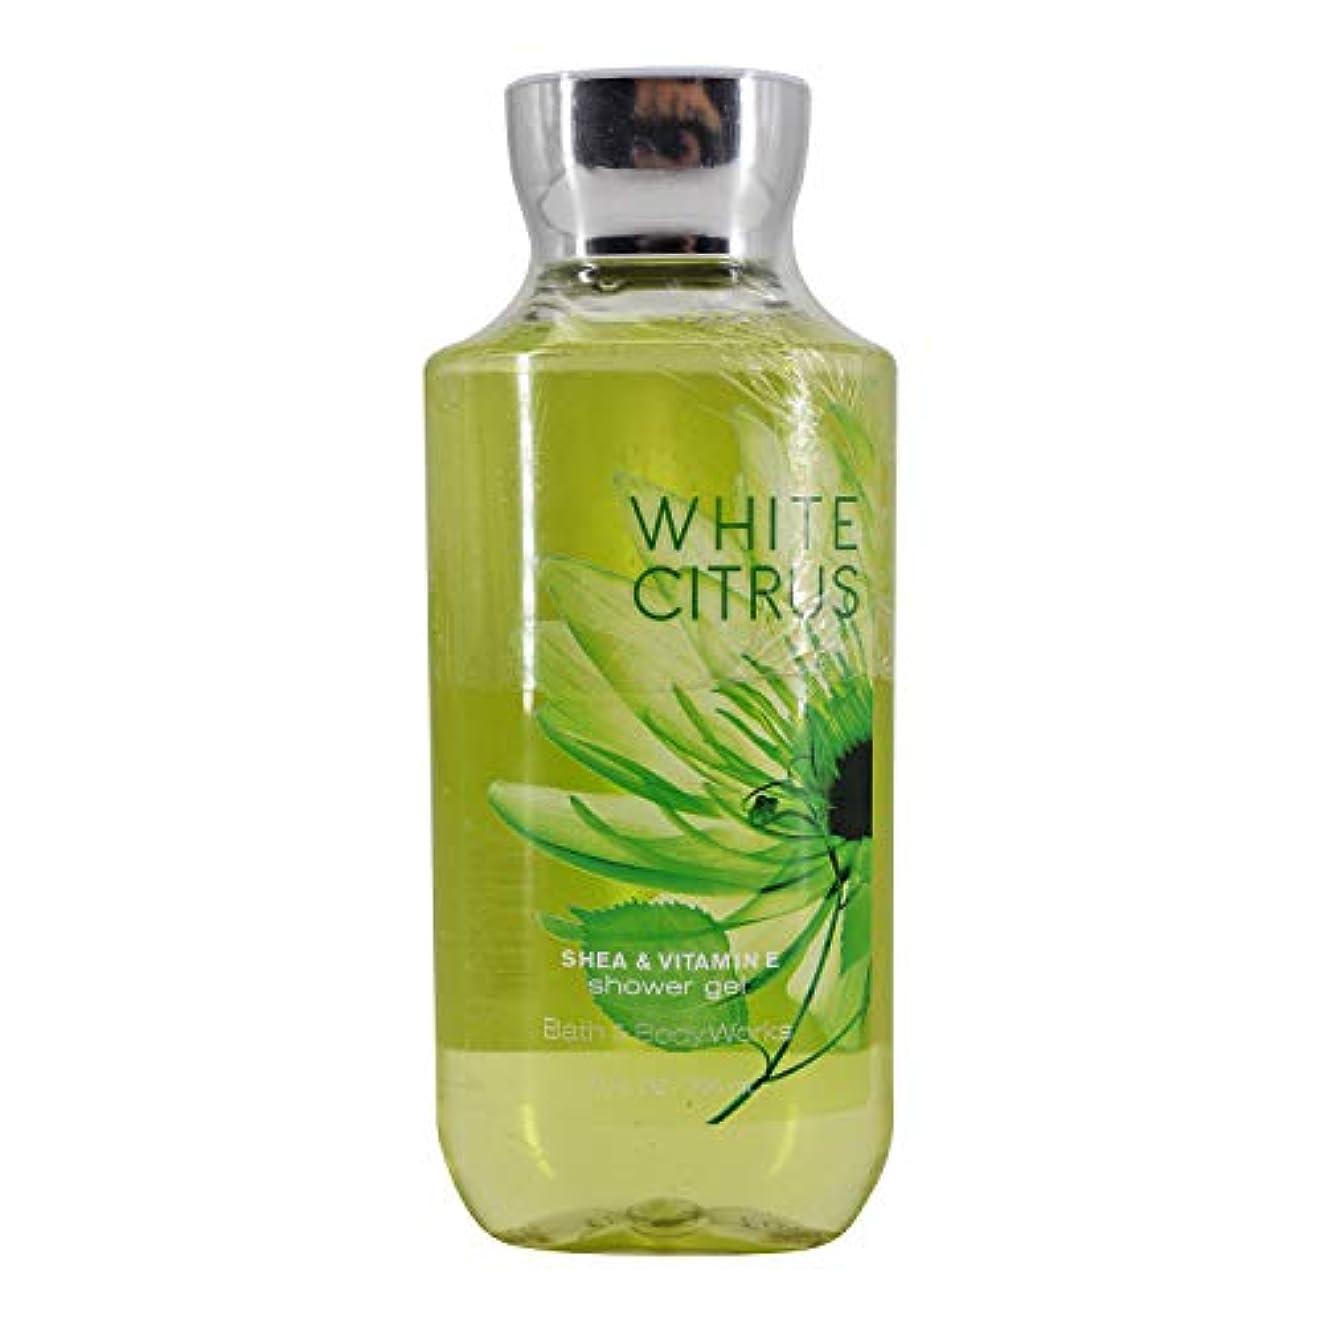 無効イースター威する【Bath&Body Works/バス&ボディワークス】 シャワージェル ホワイトシトラス Shower Gel White Citrus 10 fl oz / 295 mL [並行輸入品]